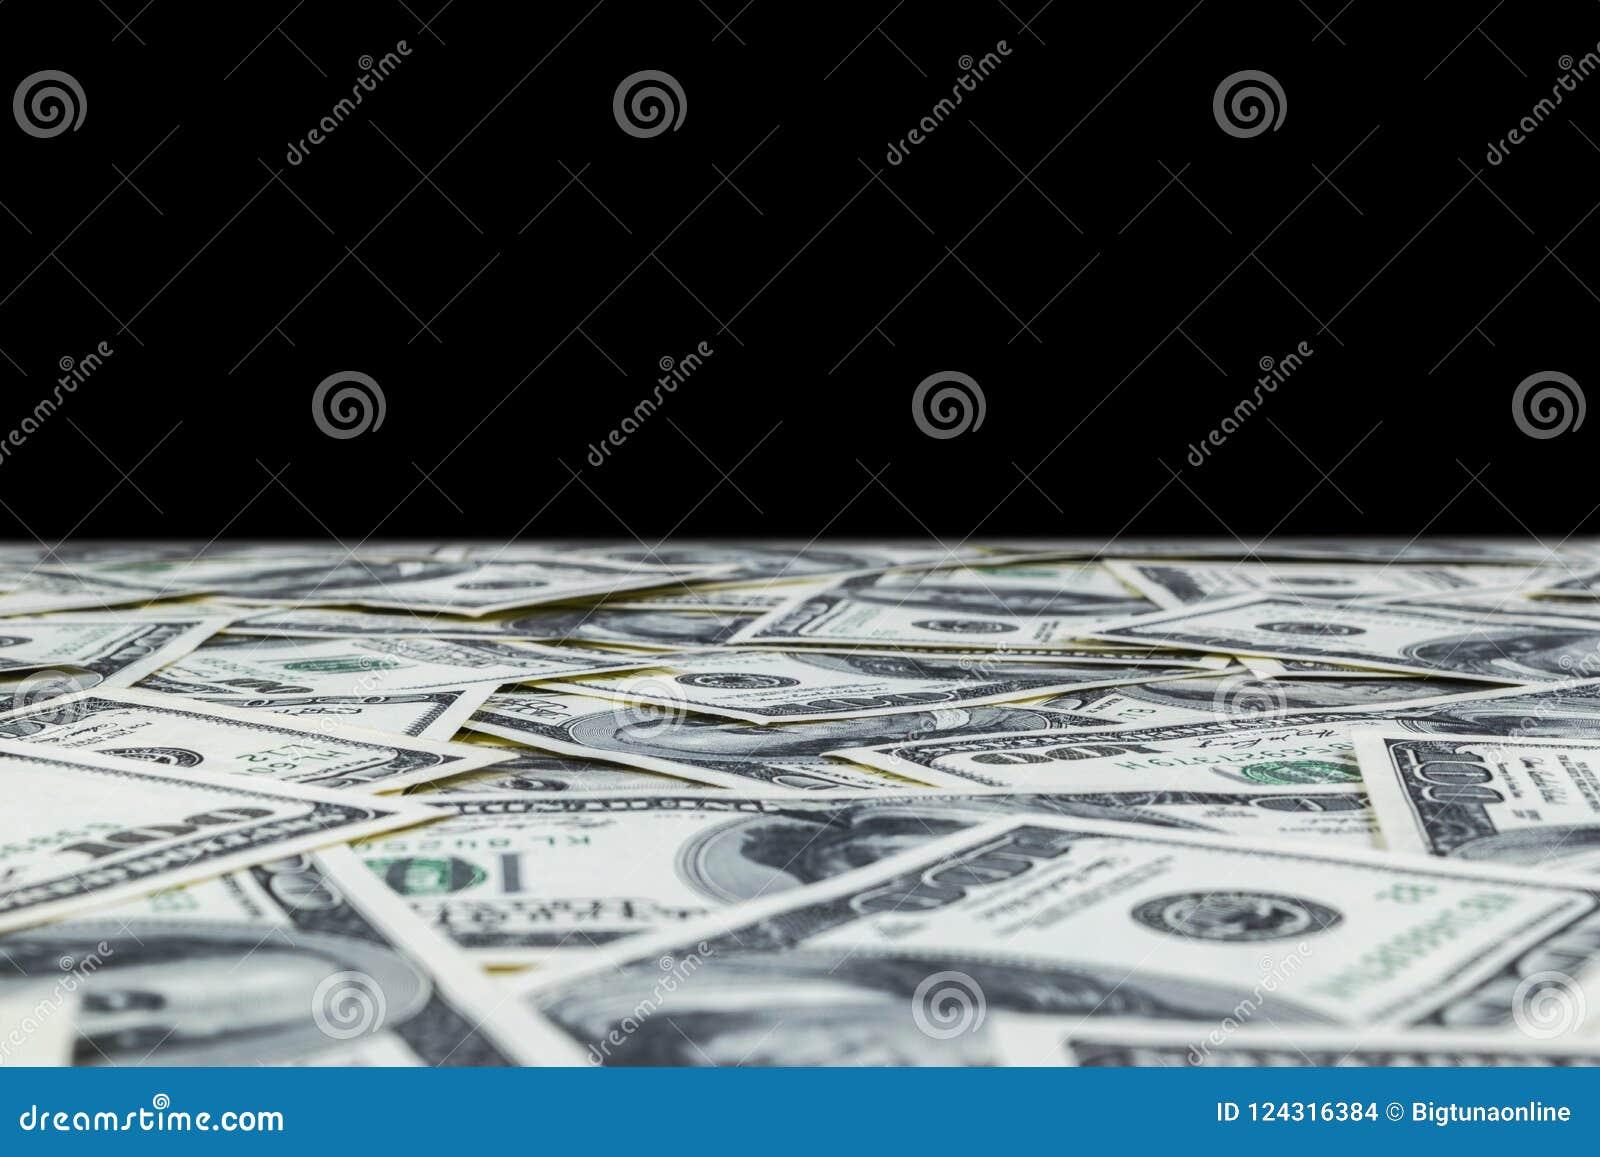 Bunt av hundra dollarräkningar som isoleras på svart bakgrund Bunt av kontanta pengar i hundra dollarsedlar Hög av hundra D